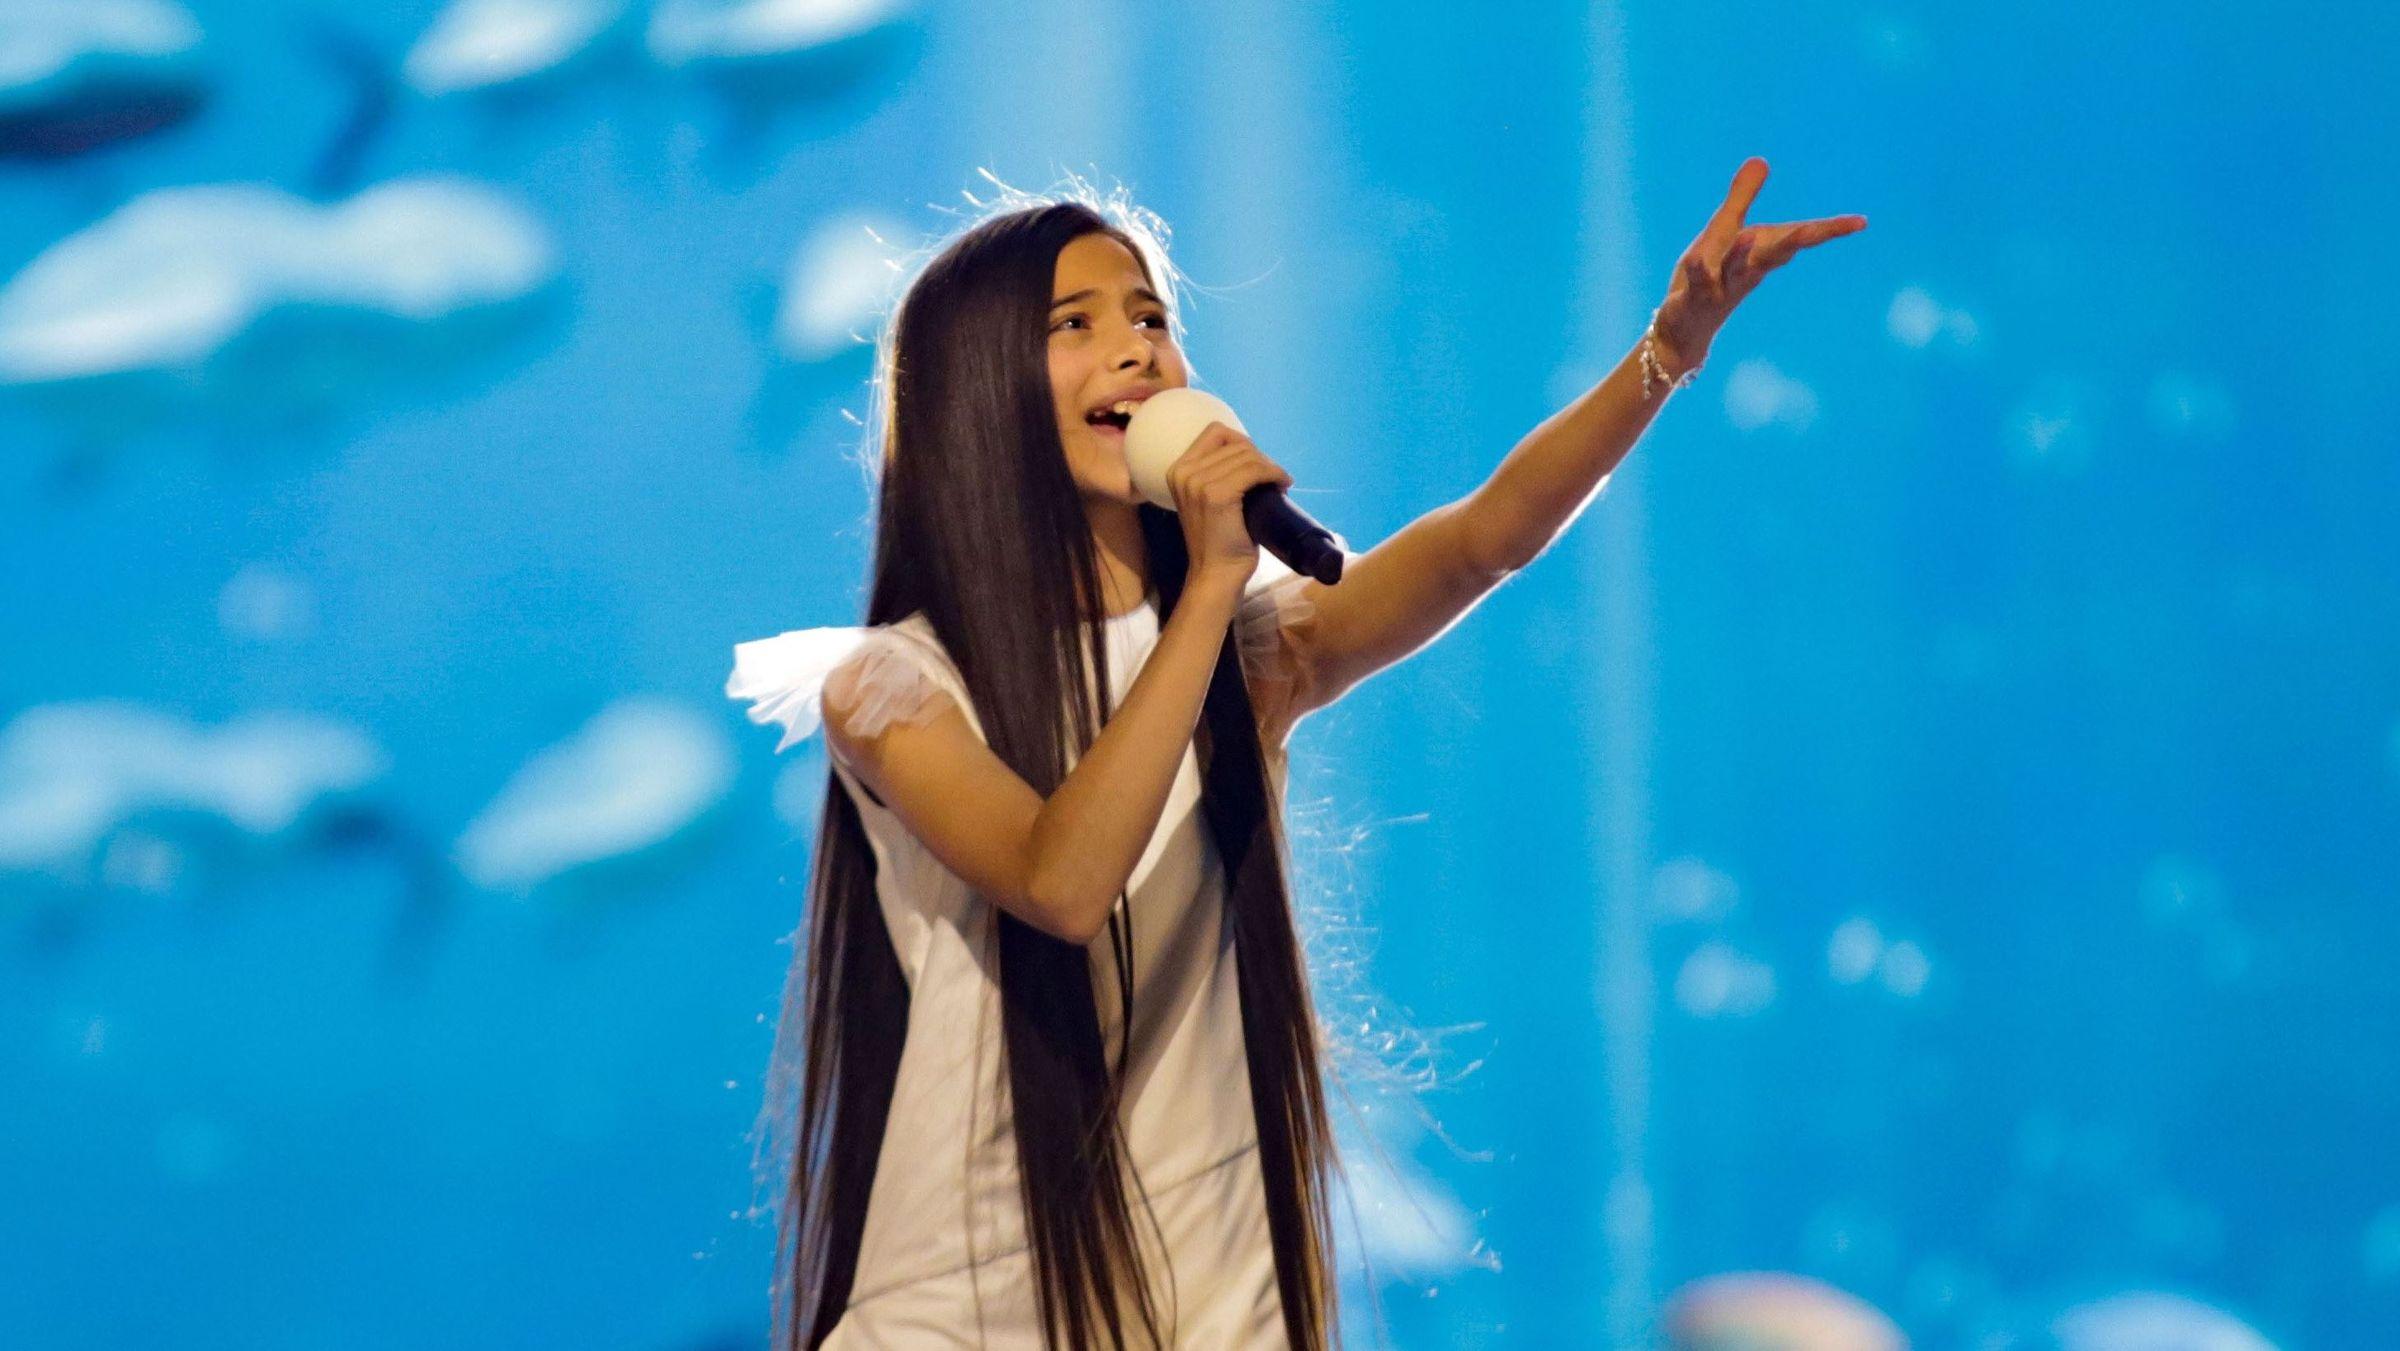 La canción de España en Eurovisión Júnior 2019.Cáritas llegó a impartir en su día cursos de formación para personas que habían solicitado microcréditos